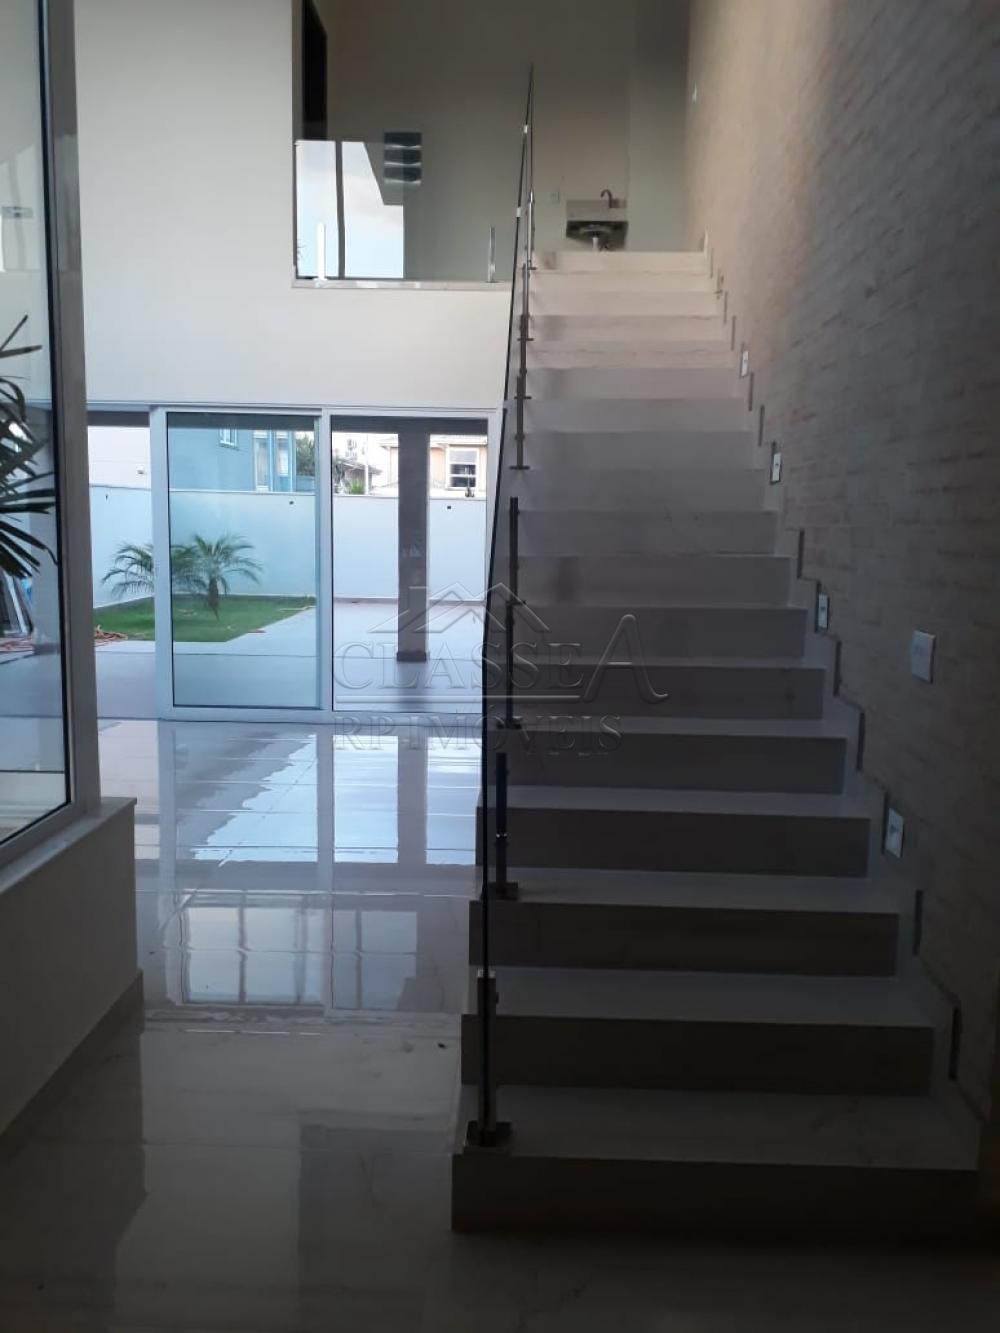 Comprar Casa / Condomínio - sobrado em Ribeirão Preto apenas R$ 1.500.000,00 - Foto 9